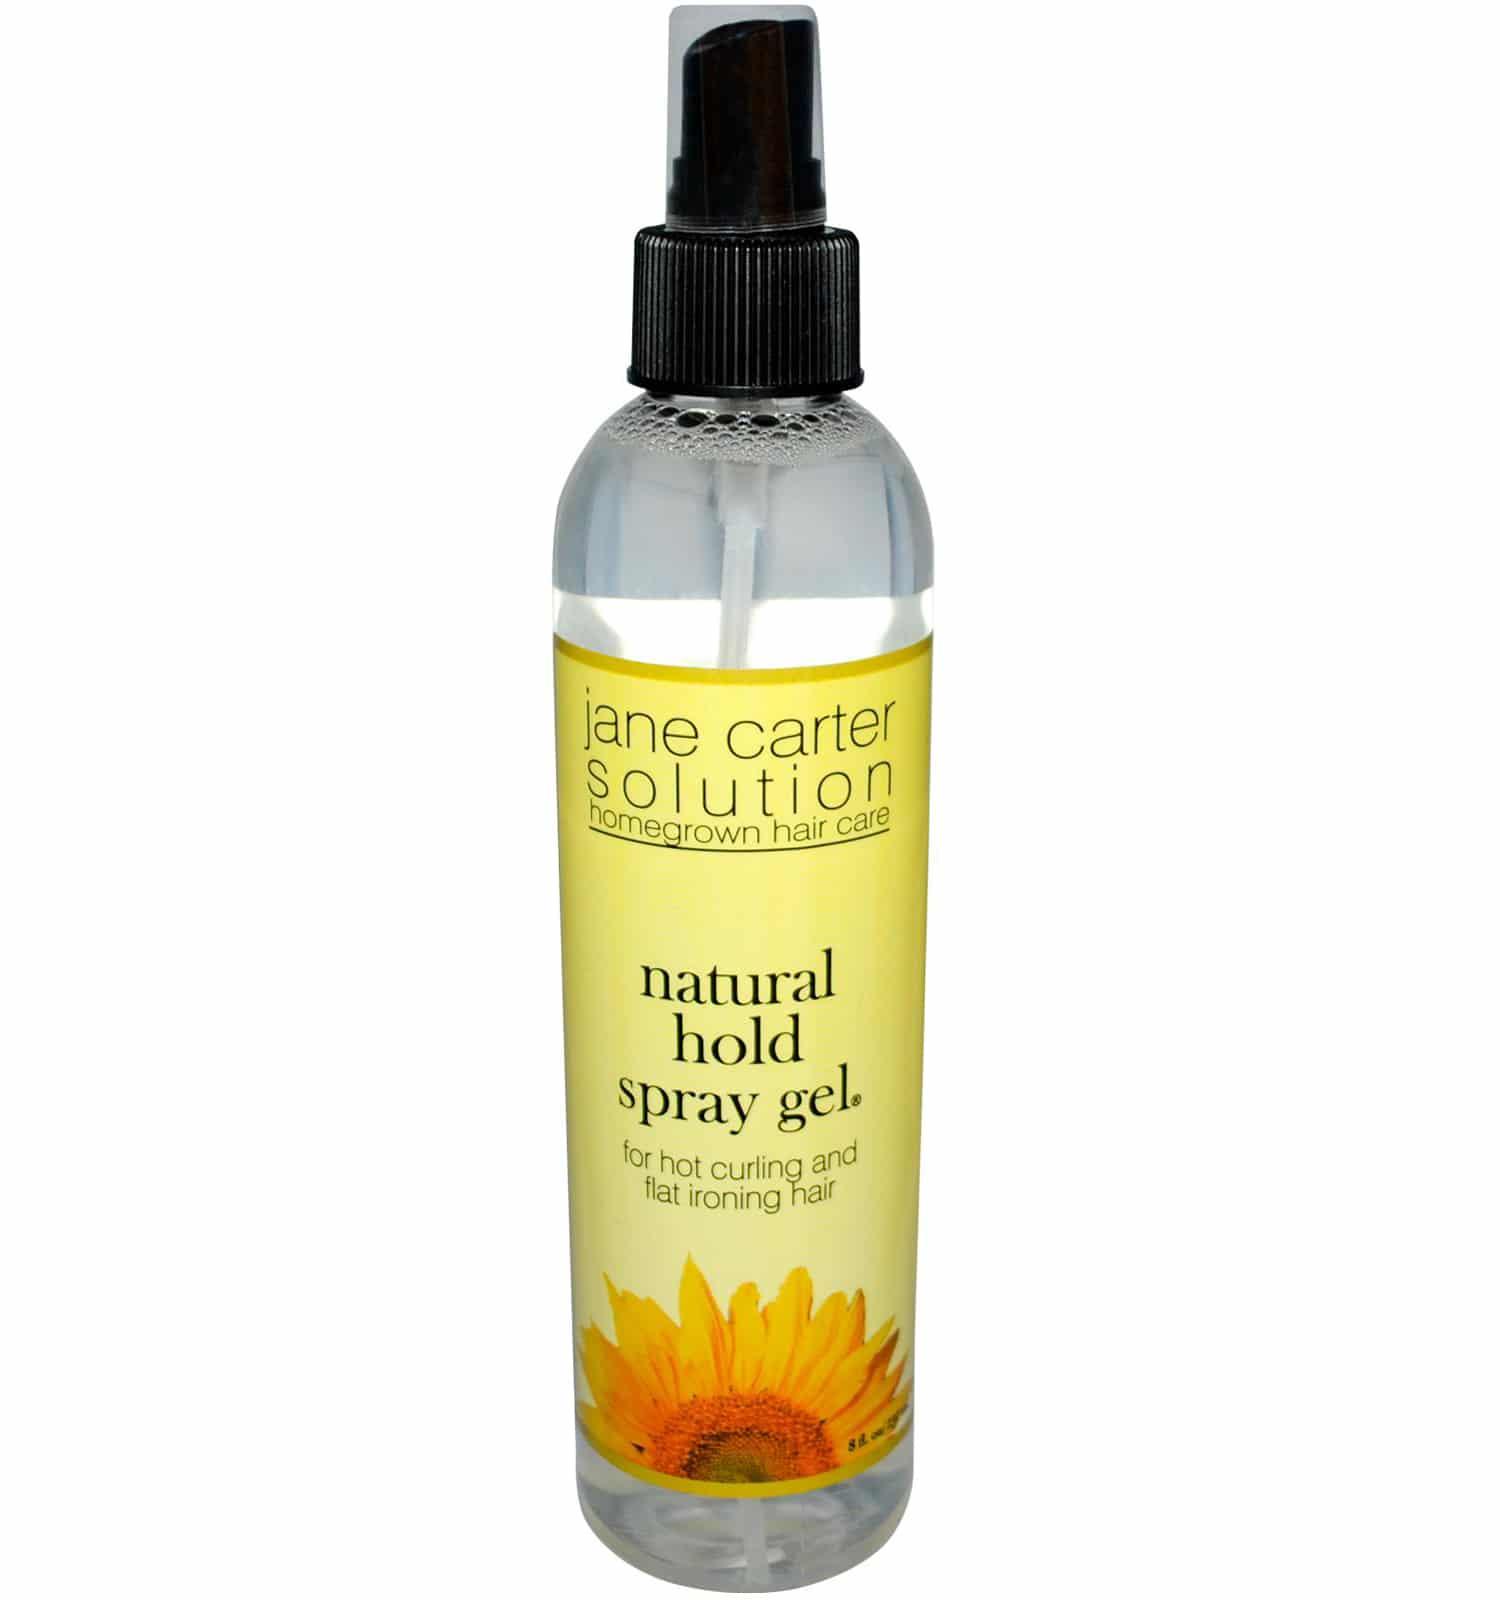 Jane Carter Natural Hold Spray Gel 8oz